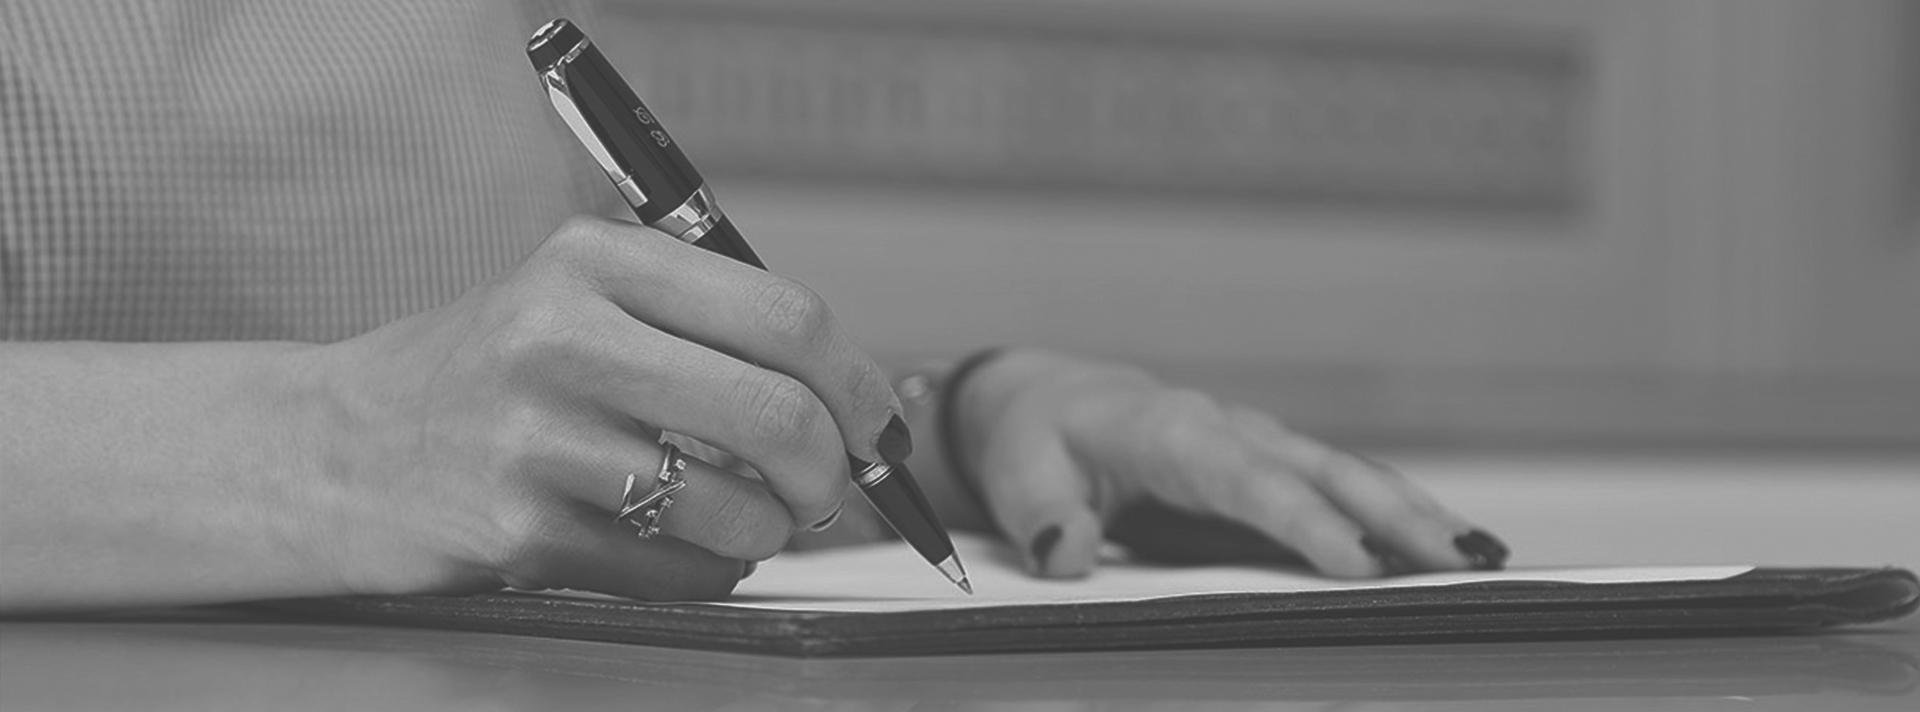 Liquidazione coatta amministrativa e rinuncia alla liquidazione di un bene immobile acquisito alla procedura